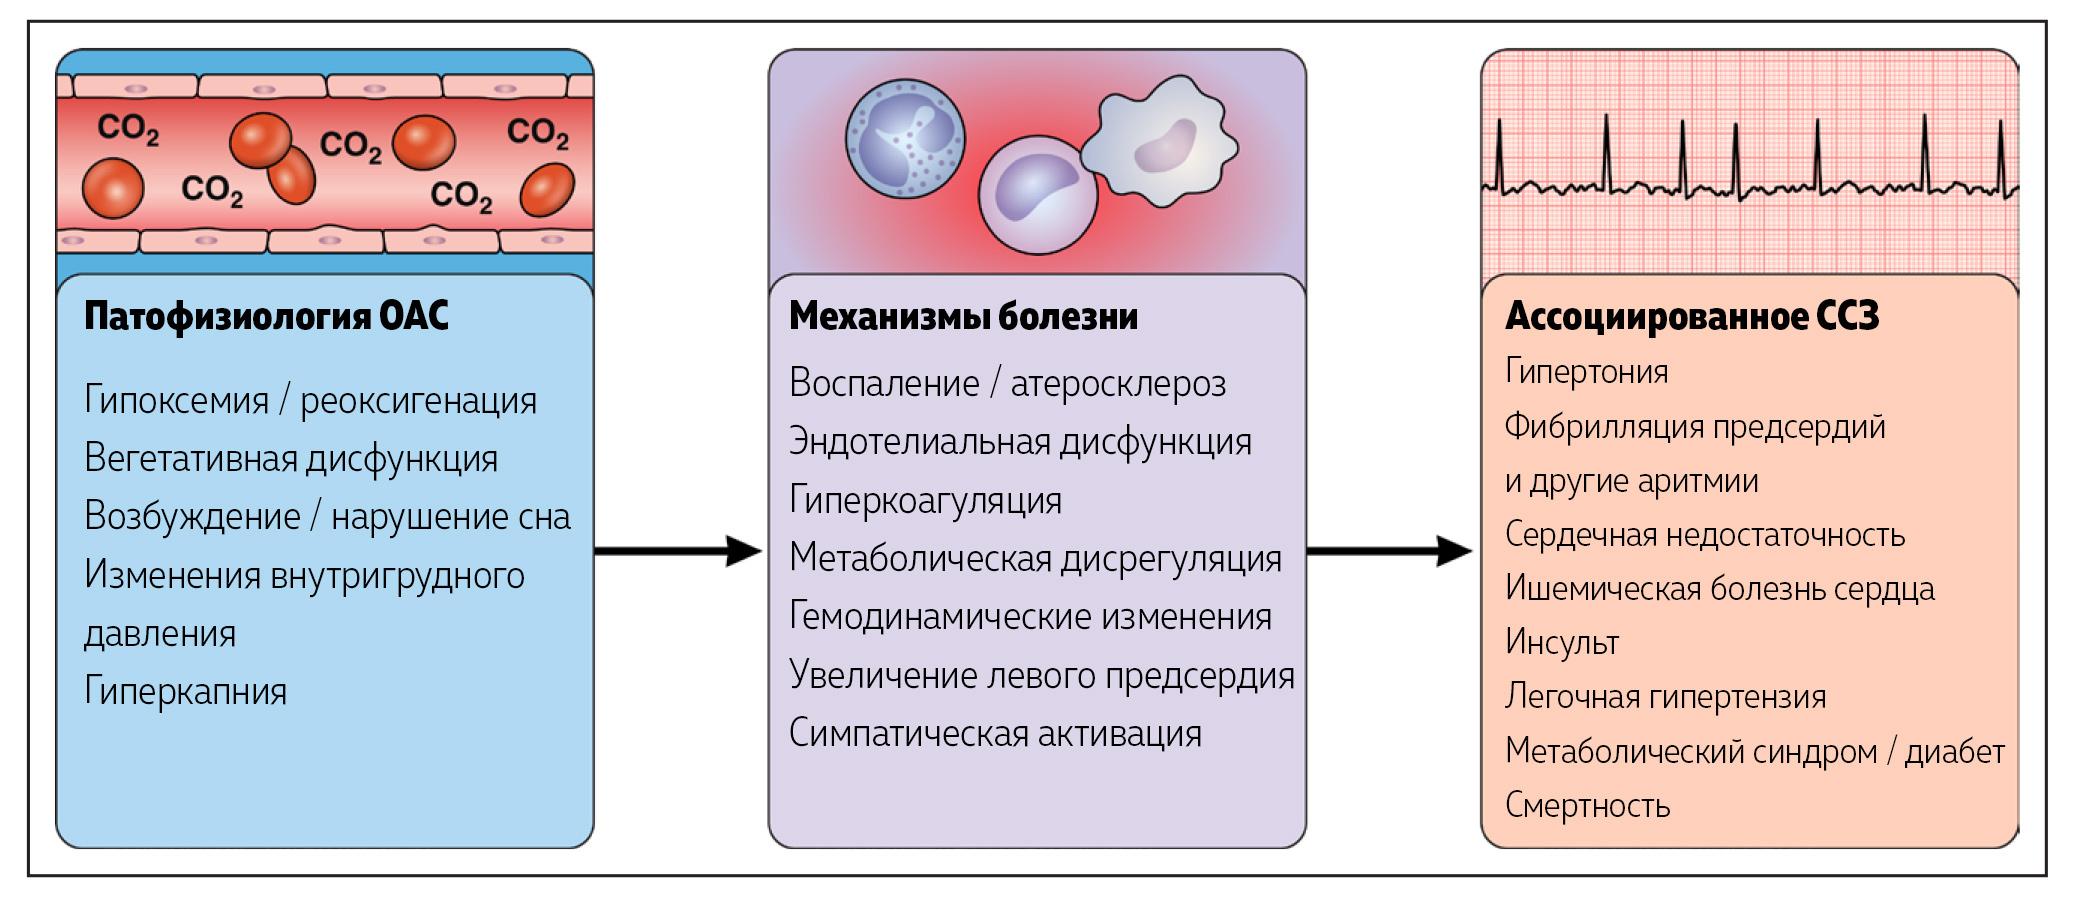 Рисунок 2. Сердечно-сосудистые осложнения синдрома обструктивного апноэ сна (СОАС). ССЗ - сердечно-сосудистые заболевания.